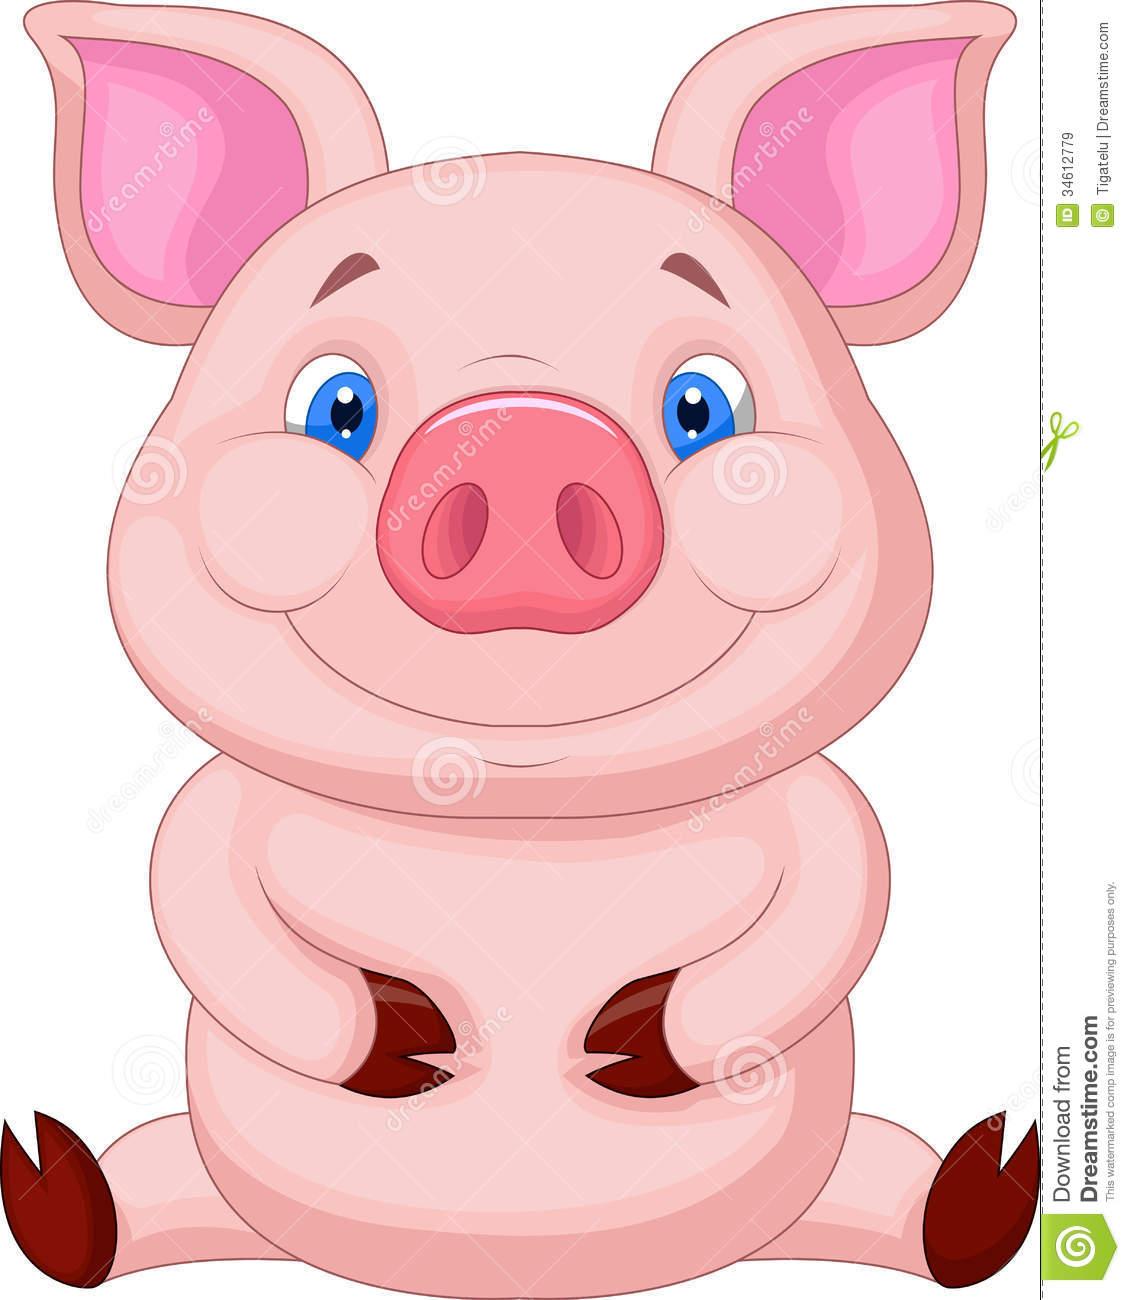 Cute Pig PNG HD - 122437